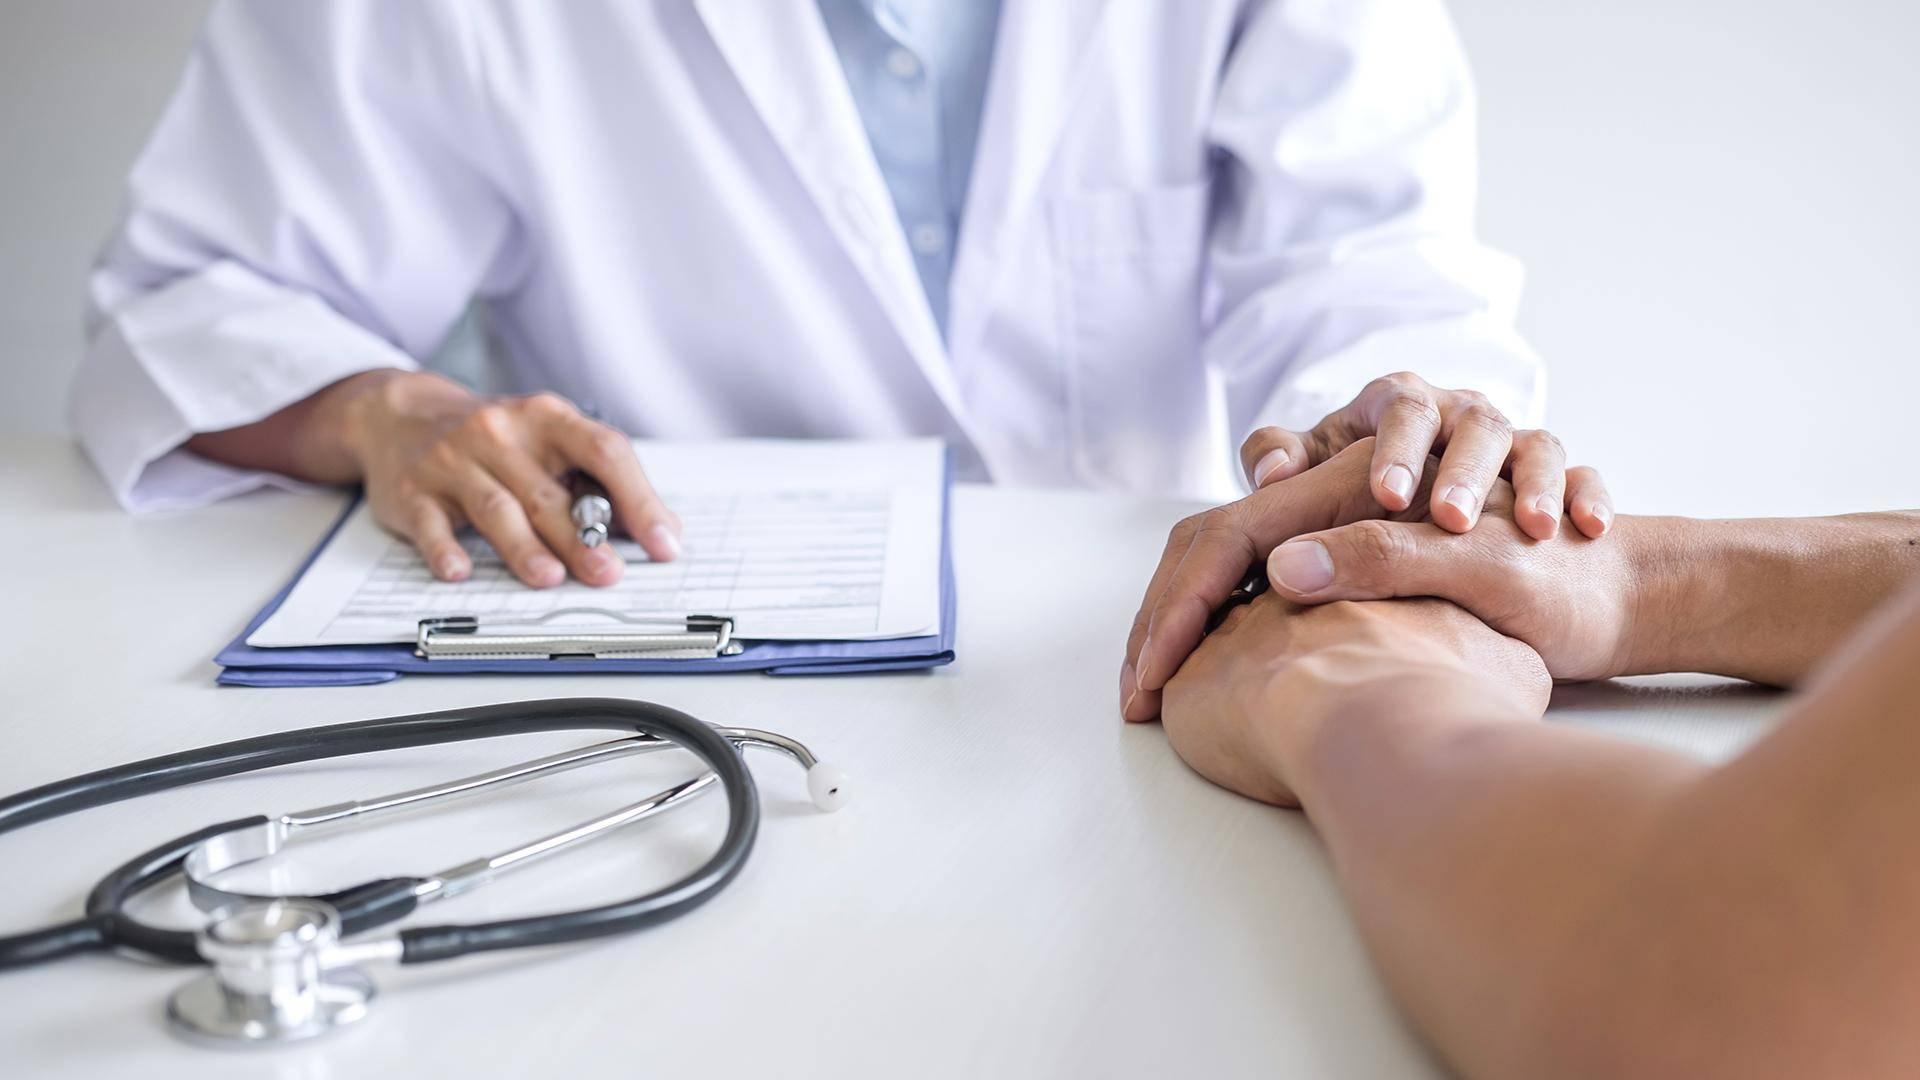 Подтекание мочи после мочеиспускания (дриблинг): этиология и лечение